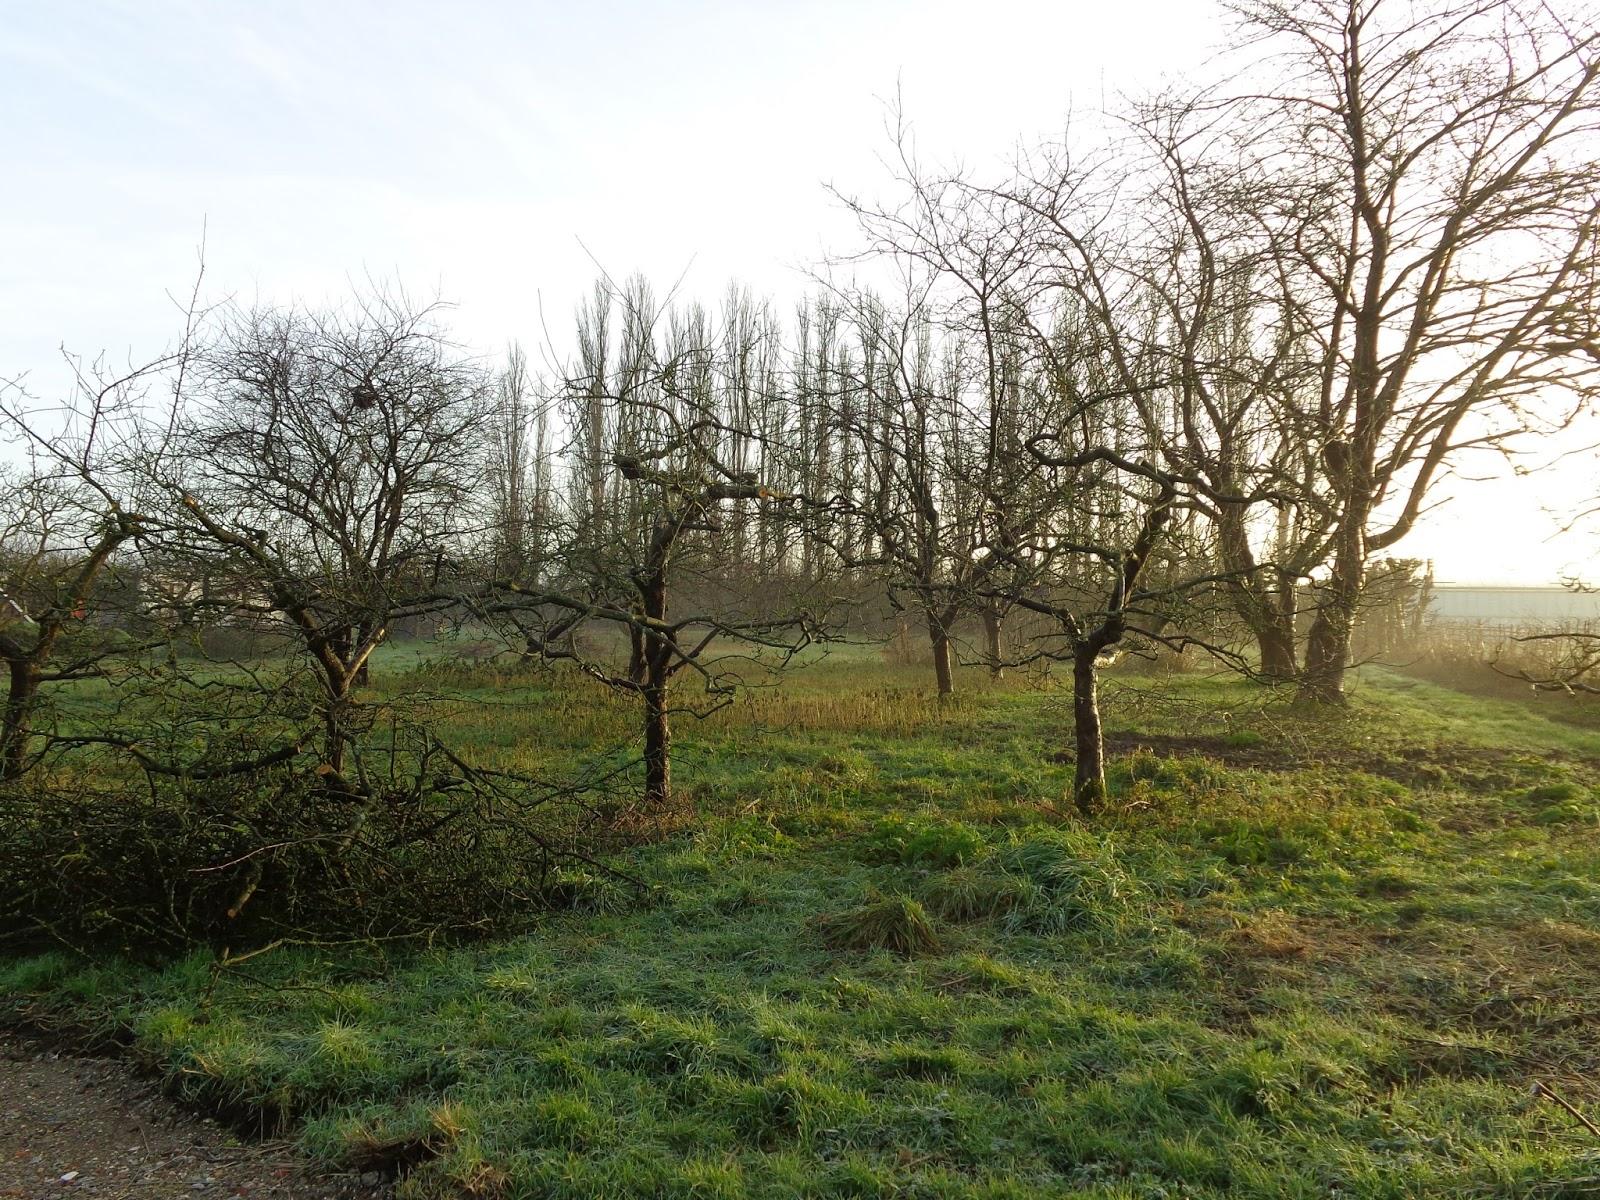 Van alles wat un peu de tout praktijkles fruitbomen - Tailler les arbres fruitiers ...